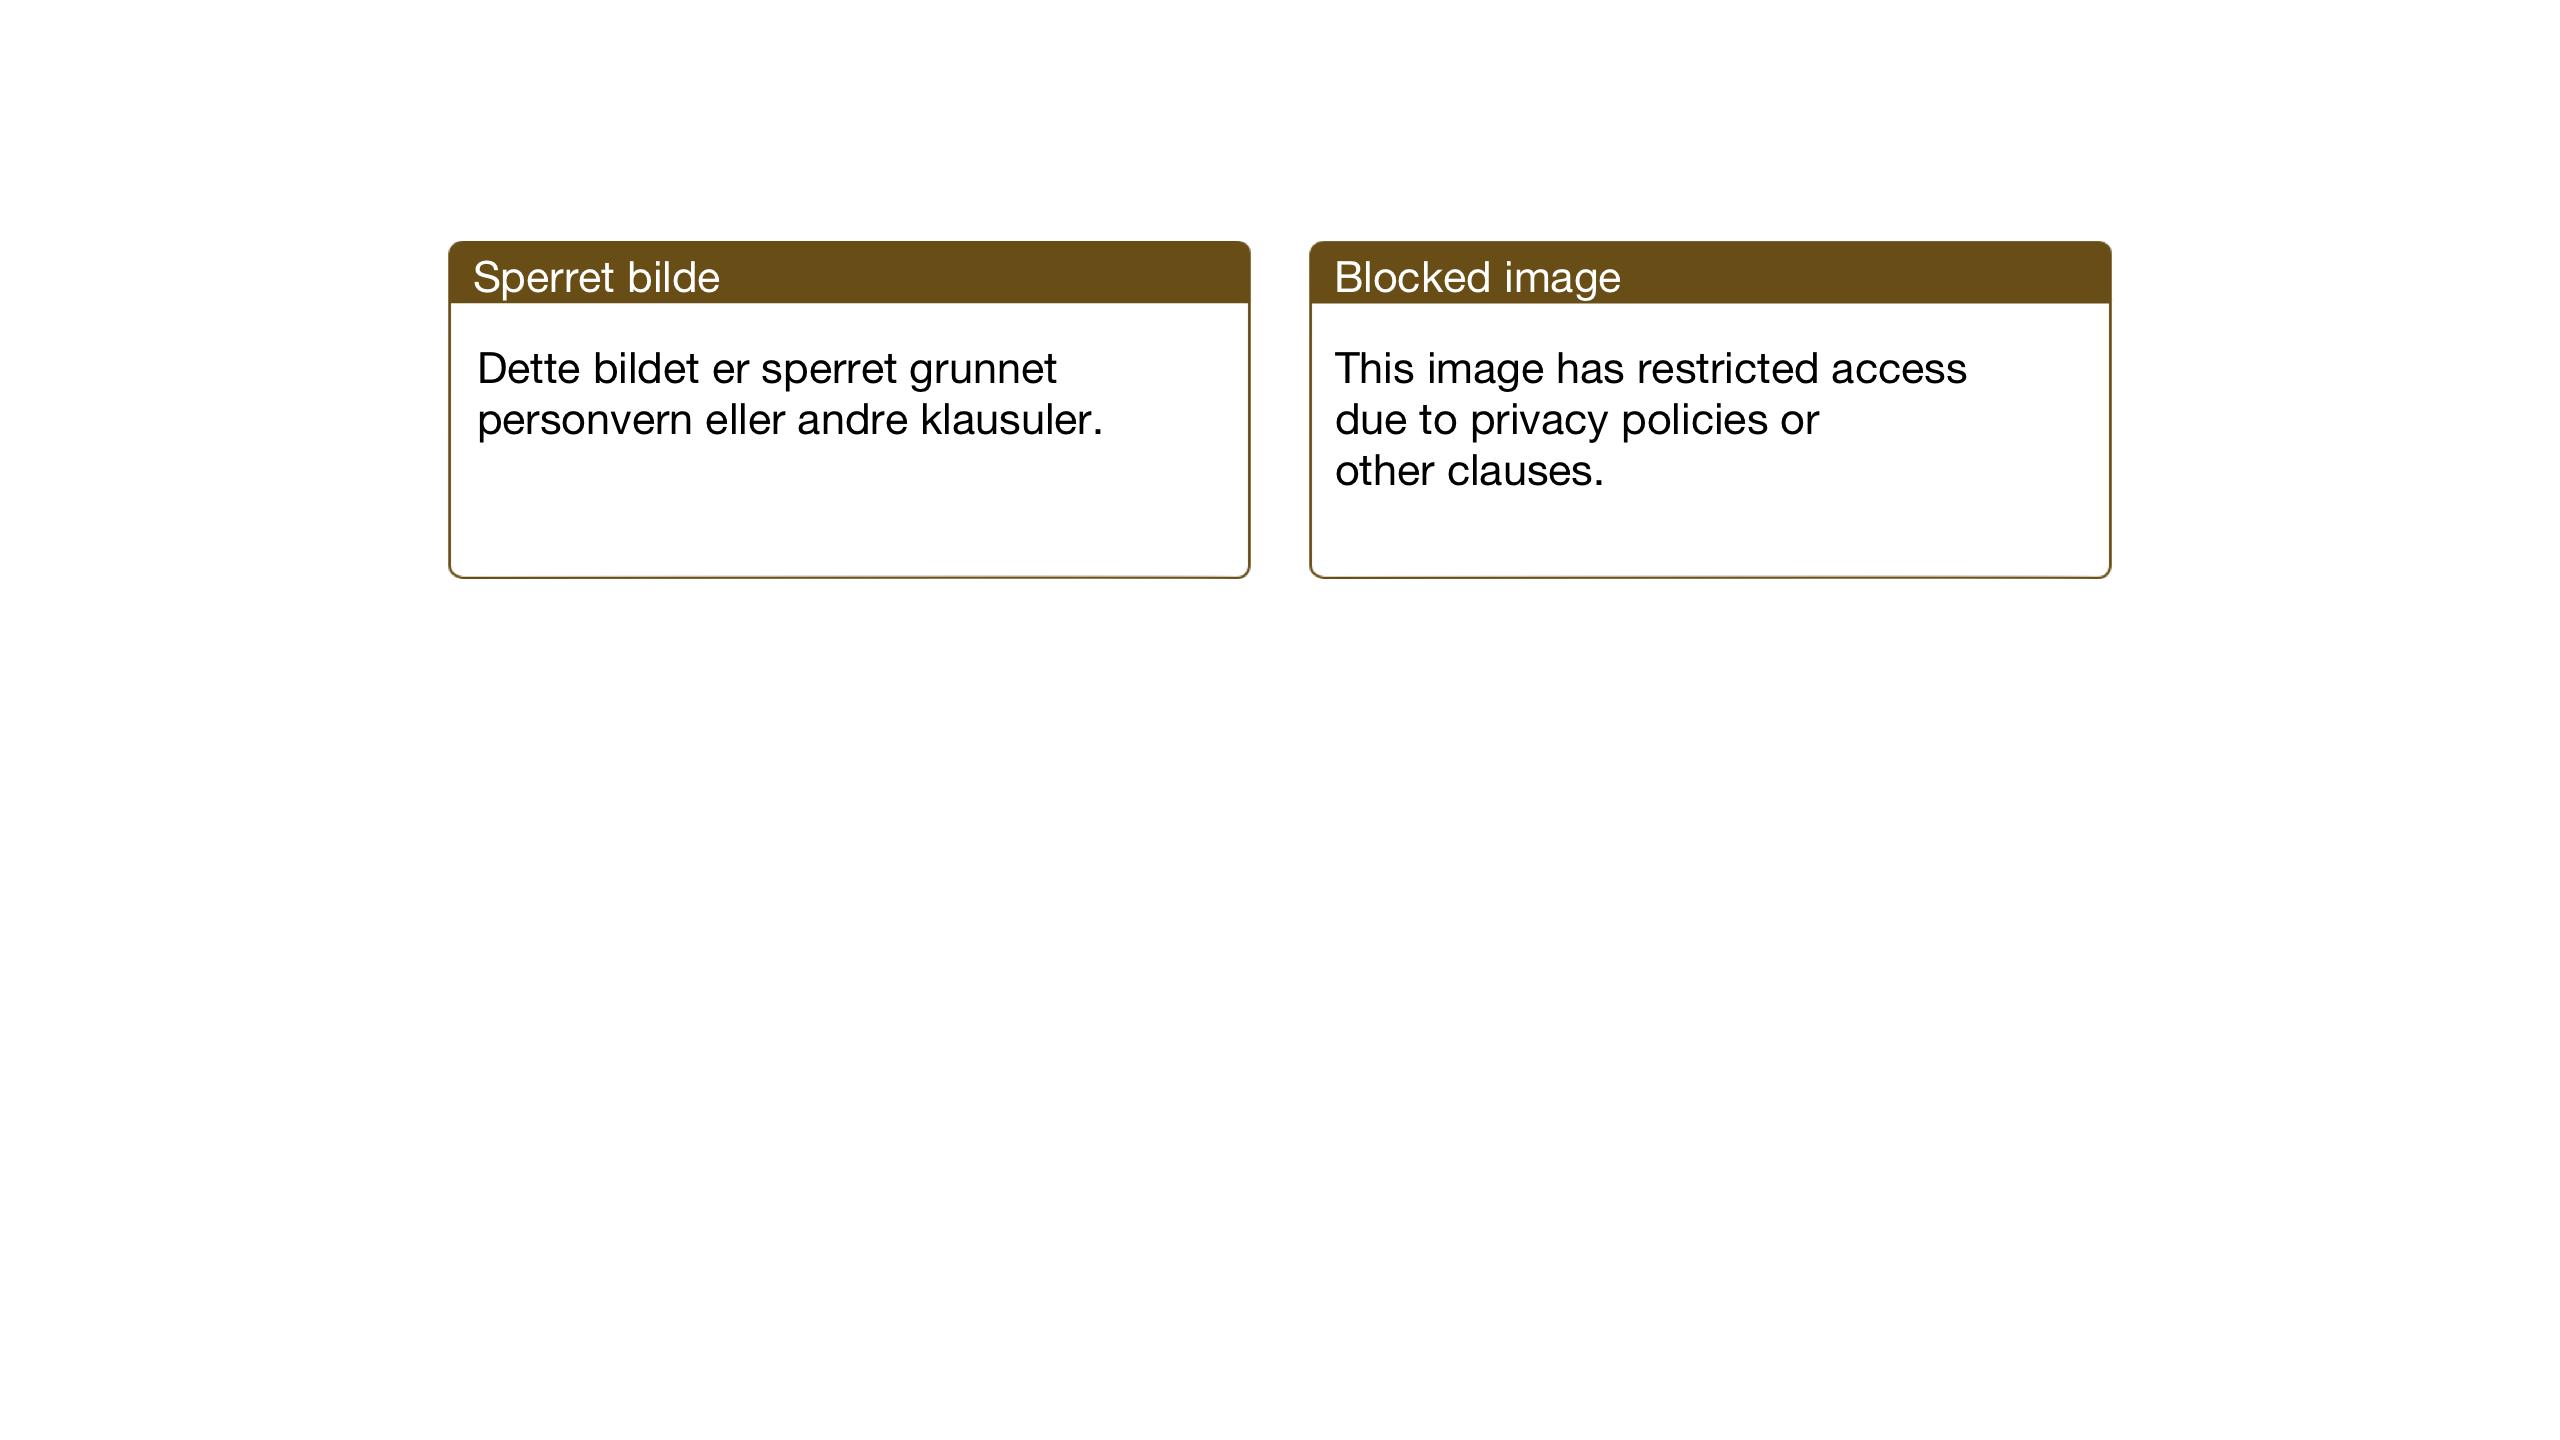 SAT, Ministerialprotokoller, klokkerbøker og fødselsregistre - Sør-Trøndelag, 637/L0564: Klokkerbok nr. 637C05, 1928-1968, s. 118